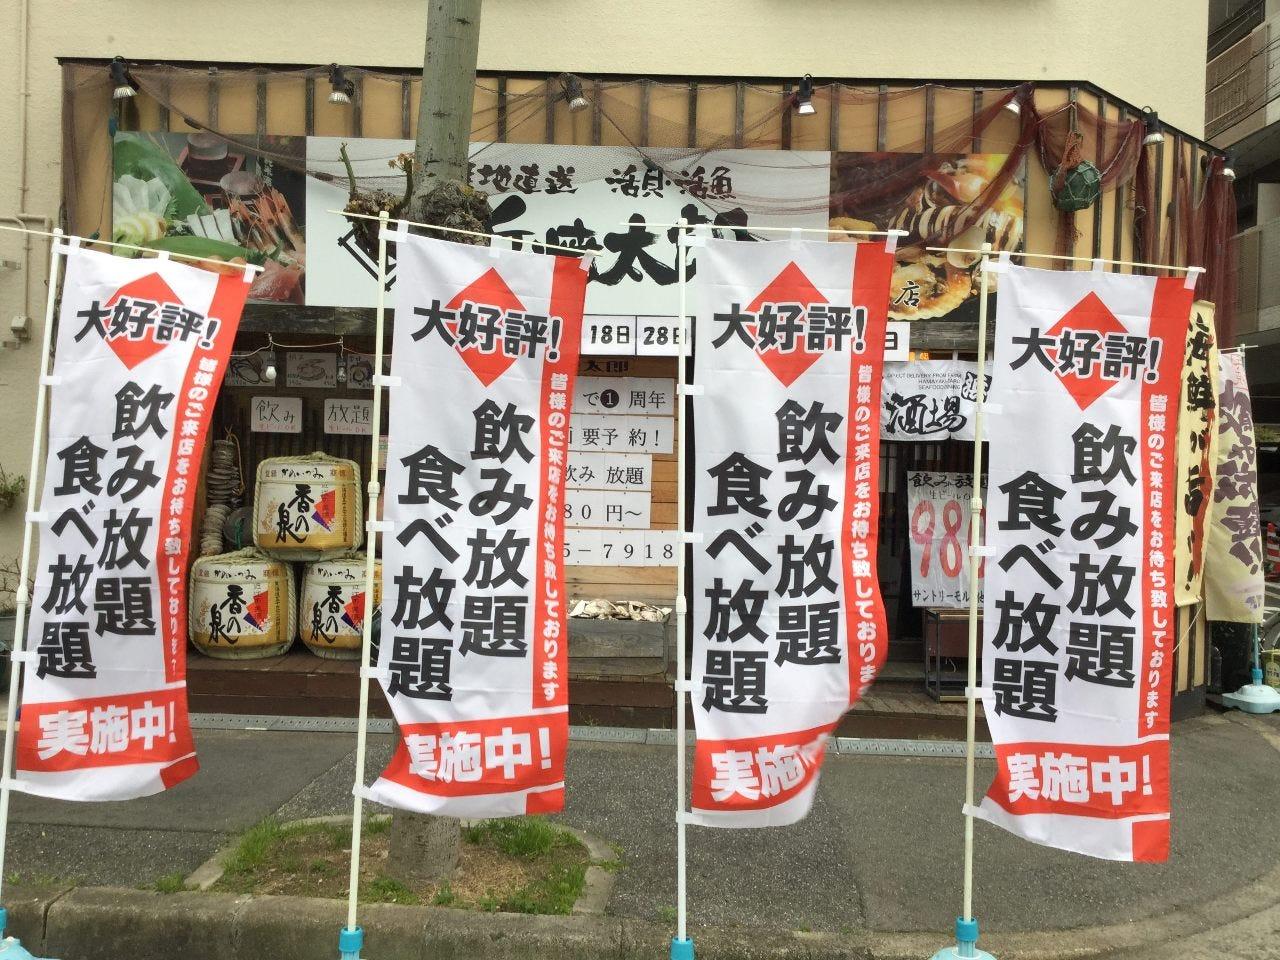 浜焼太郎 東三国店